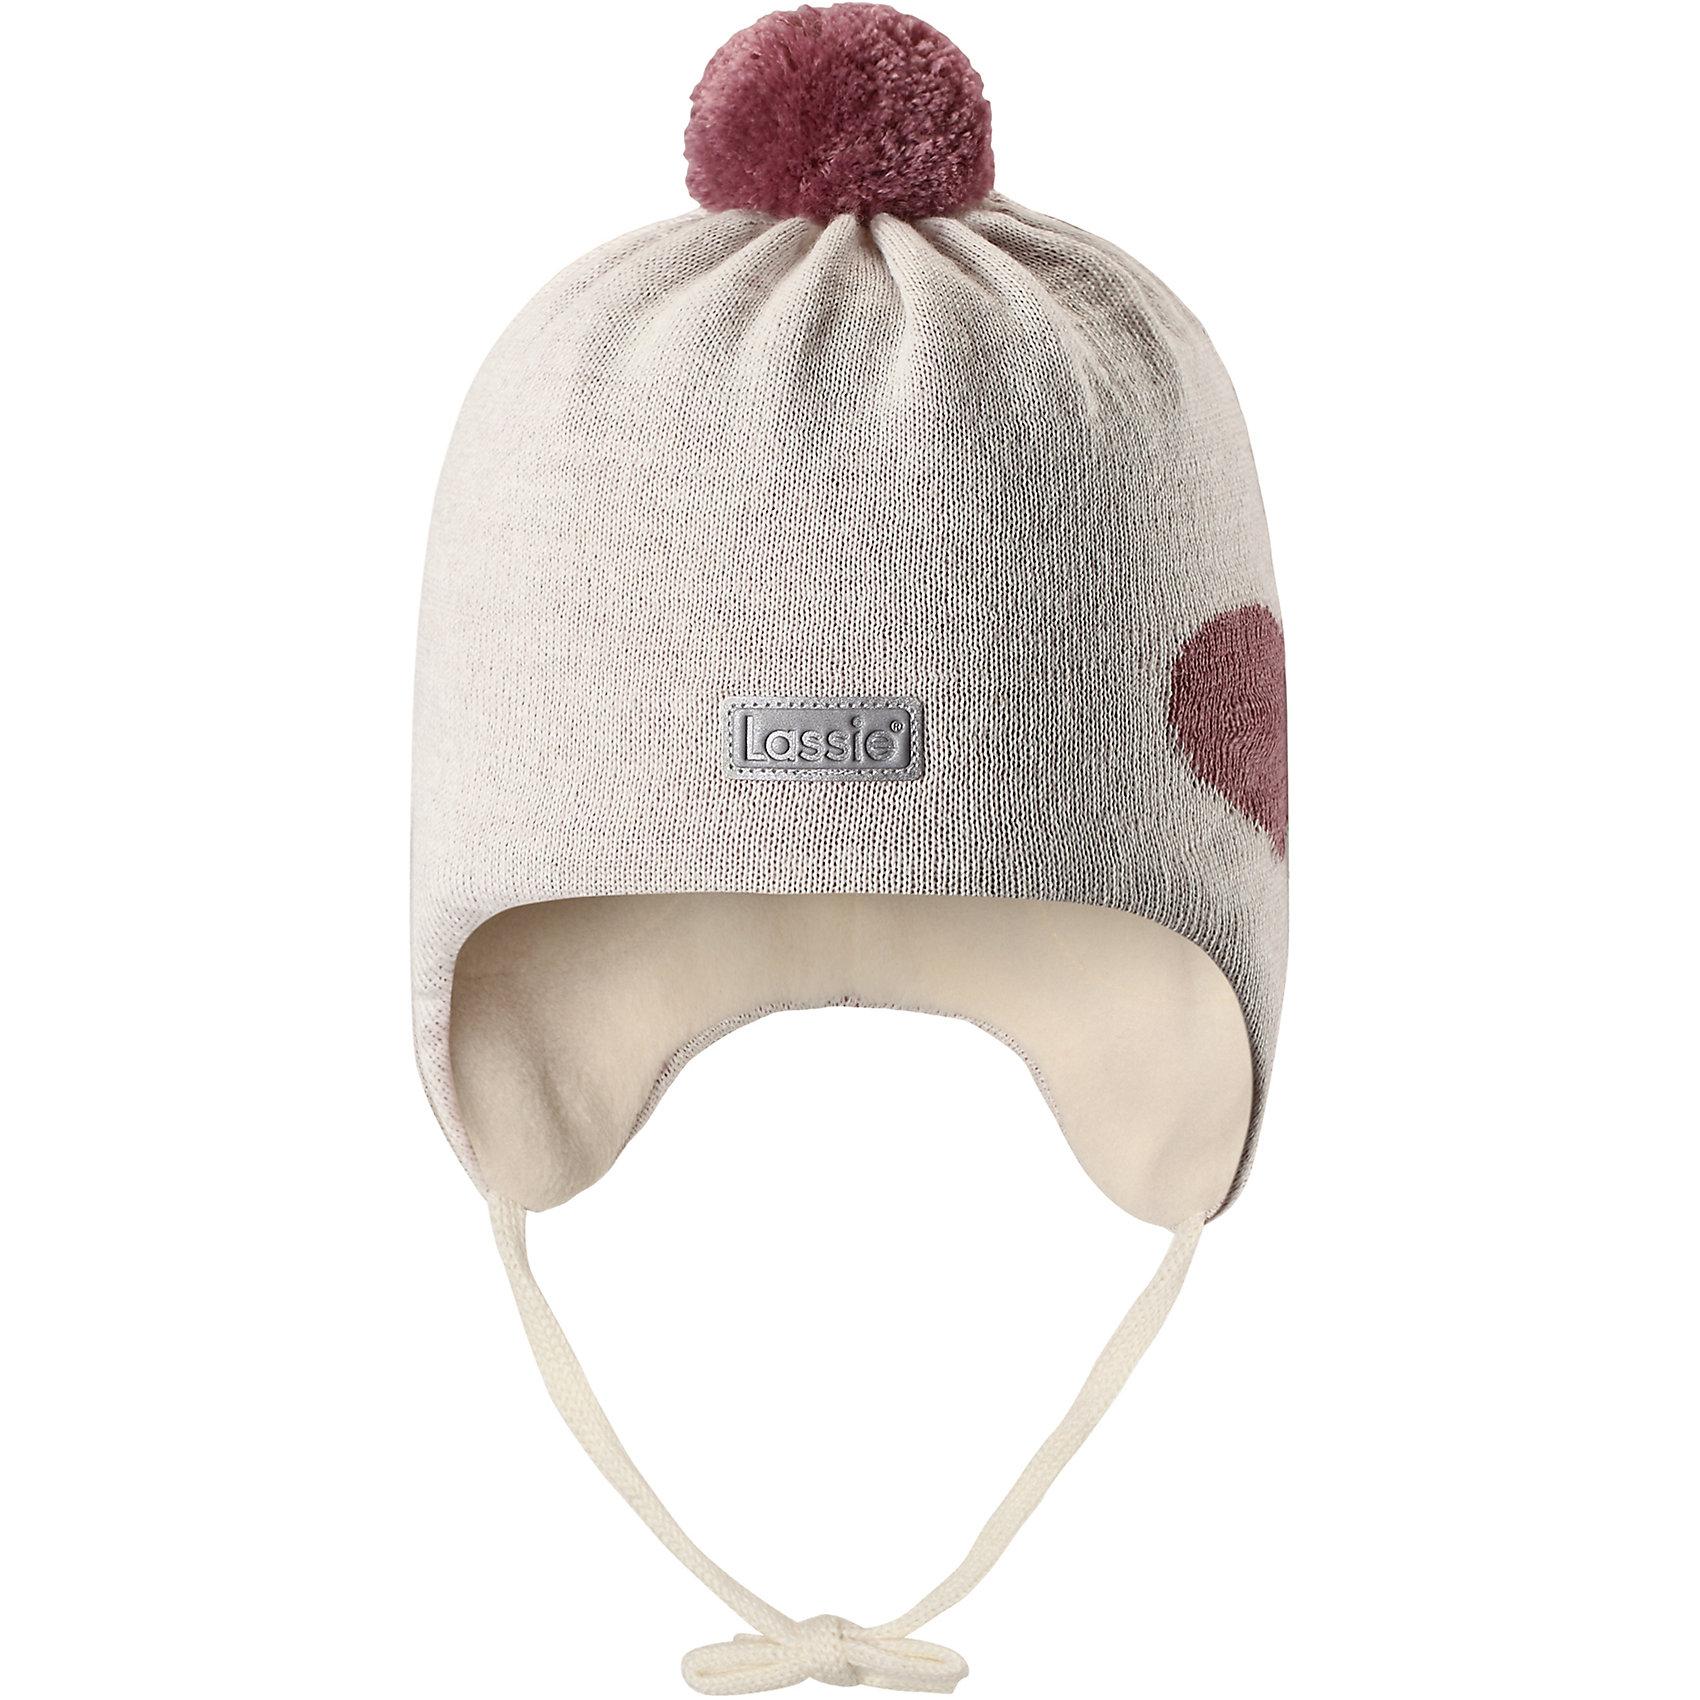 Шапка LassieШапки и шарфы<br>Характеристики товара:<br><br>• цвет: белый;<br>• состав: 50% шерсть, 50% полиакрил; <br>• подкладка: 100% полиэстер, флис;<br>• сезон: зима;<br>• без дополнительного утепления;<br>• температурный режим: от 0 до -20С;<br>• мягкая и теплая ткань из смеси шерсти;<br>• ветронепроницаемые вставки в области ушей;<br>• сплошная подкладка: мягкий теплый флис;<br>• шапка на завязках, с помпоном сверху;<br>• светоотражающие детали;<br>• страна бренда: Финляндия;<br>• страна изготовитель: Китай;<br><br>Эта стильная шапка для малышей с помпонами контрастного цвета и рисунком оживит зимние наряды! Ветронепроницаемые вставки в области ушей защищают нежные детские ушки во время игр на свежем воздухе. Шапка связана из теплой полушерстяной пряжи.<br><br>Шапку Lassie (Ласси) можно купить в нашем интернет-магазине.<br><br>Ширина мм: 89<br>Глубина мм: 117<br>Высота мм: 44<br>Вес г: 155<br>Цвет: серый<br>Возраст от месяцев: 36<br>Возраст до месяцев: 72<br>Пол: Унисекс<br>Возраст: Детский<br>Размер: 50-52,42-44,44-46,46-48<br>SKU: 6905595